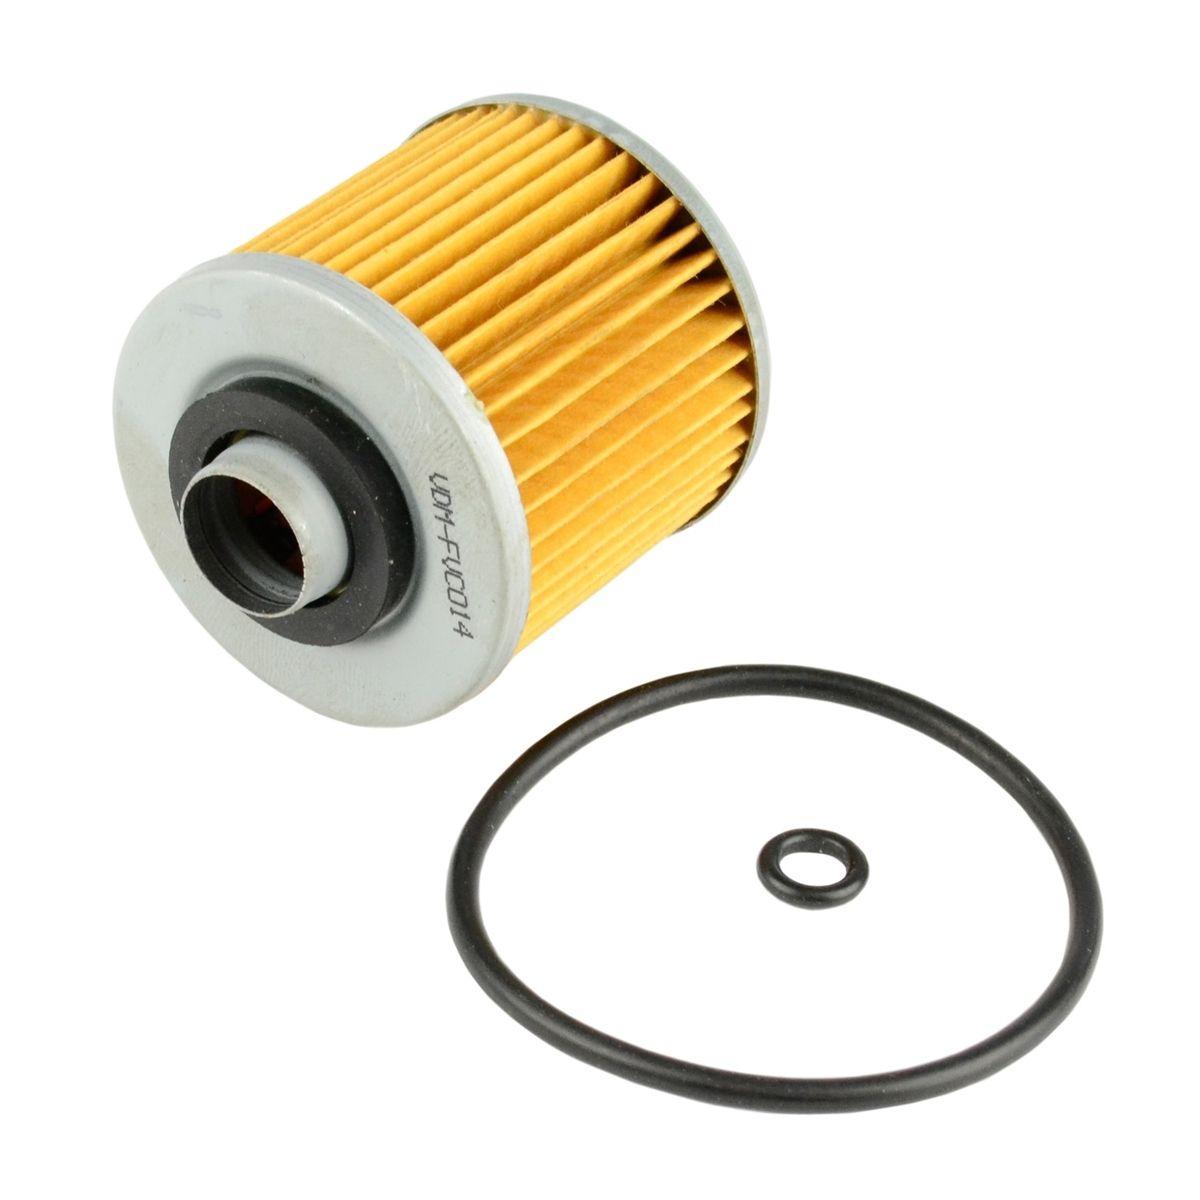 Combo Filtro De Gasolina Drag Star 650 (8mm)+filtro De Óleo